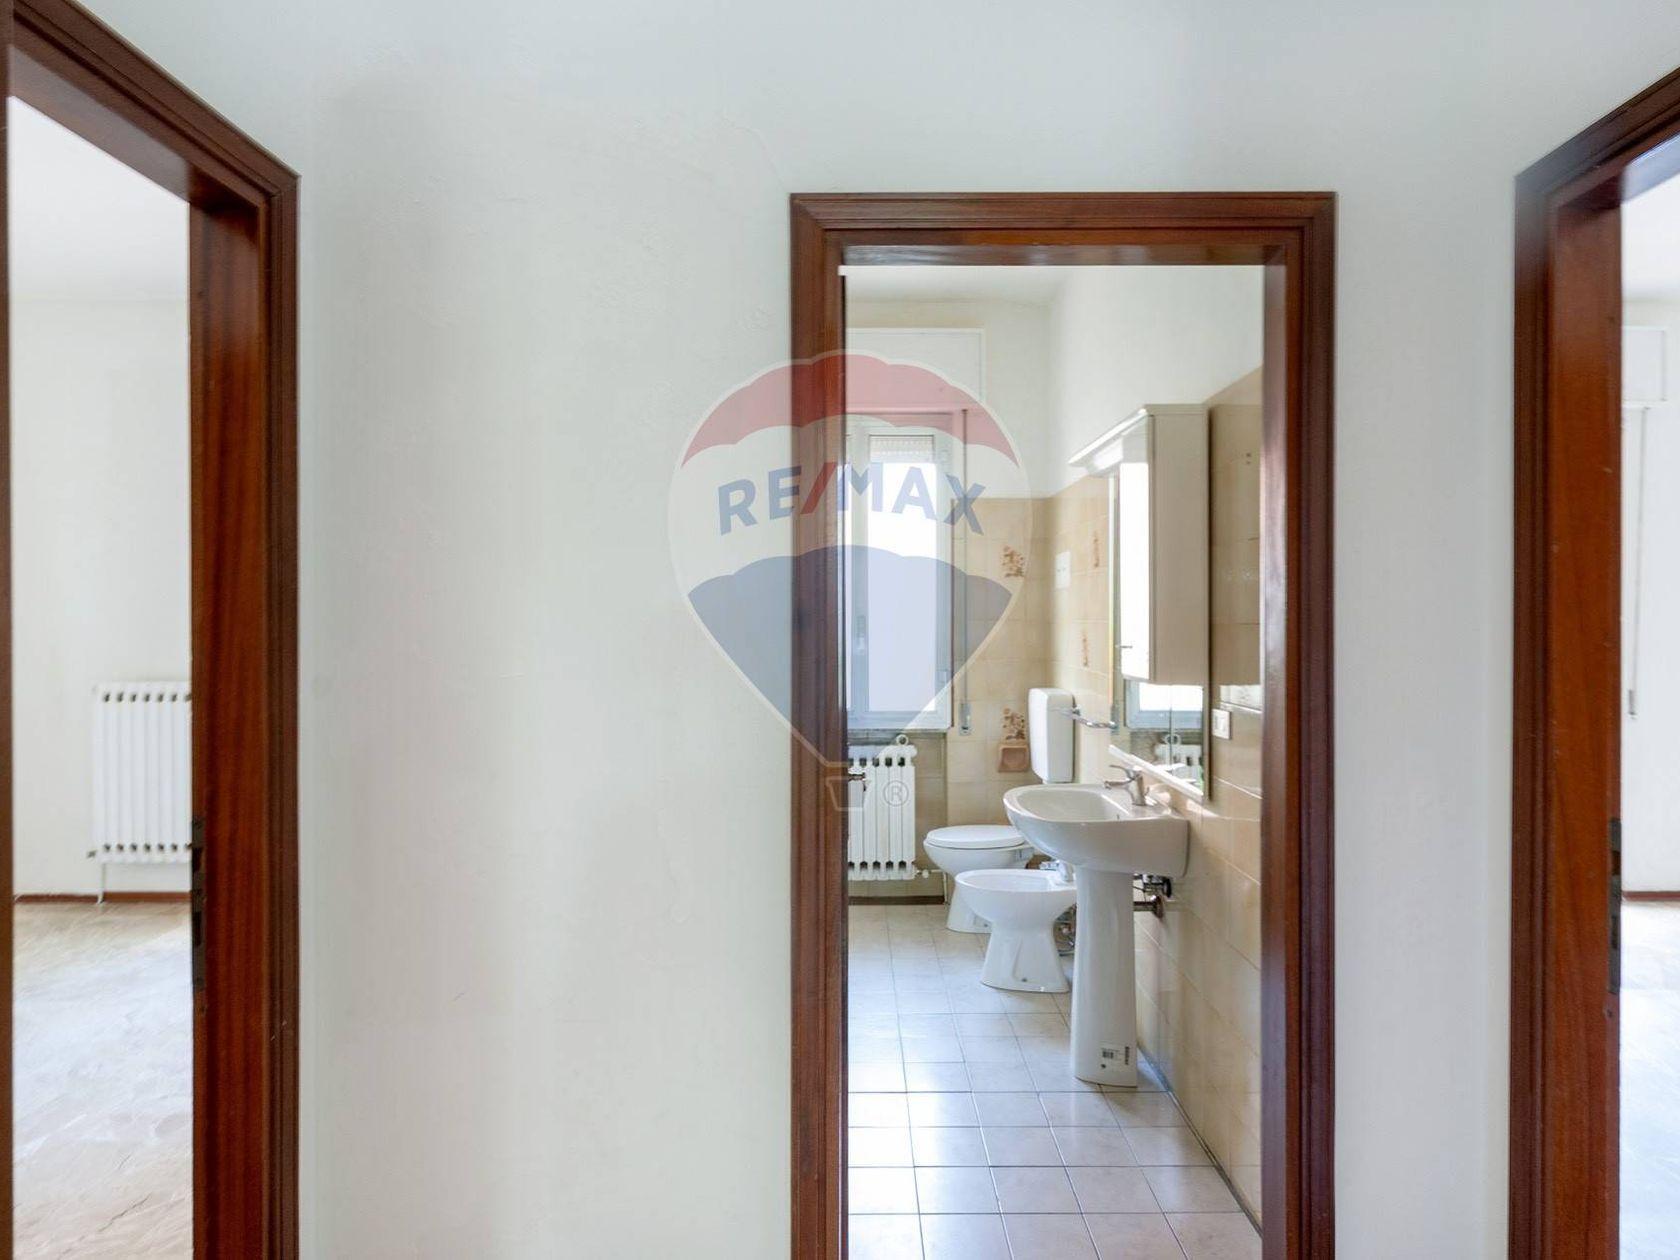 Casa Semindipendente Osteria Grande, Castel San Pietro Terme, BO Vendita - Foto 12